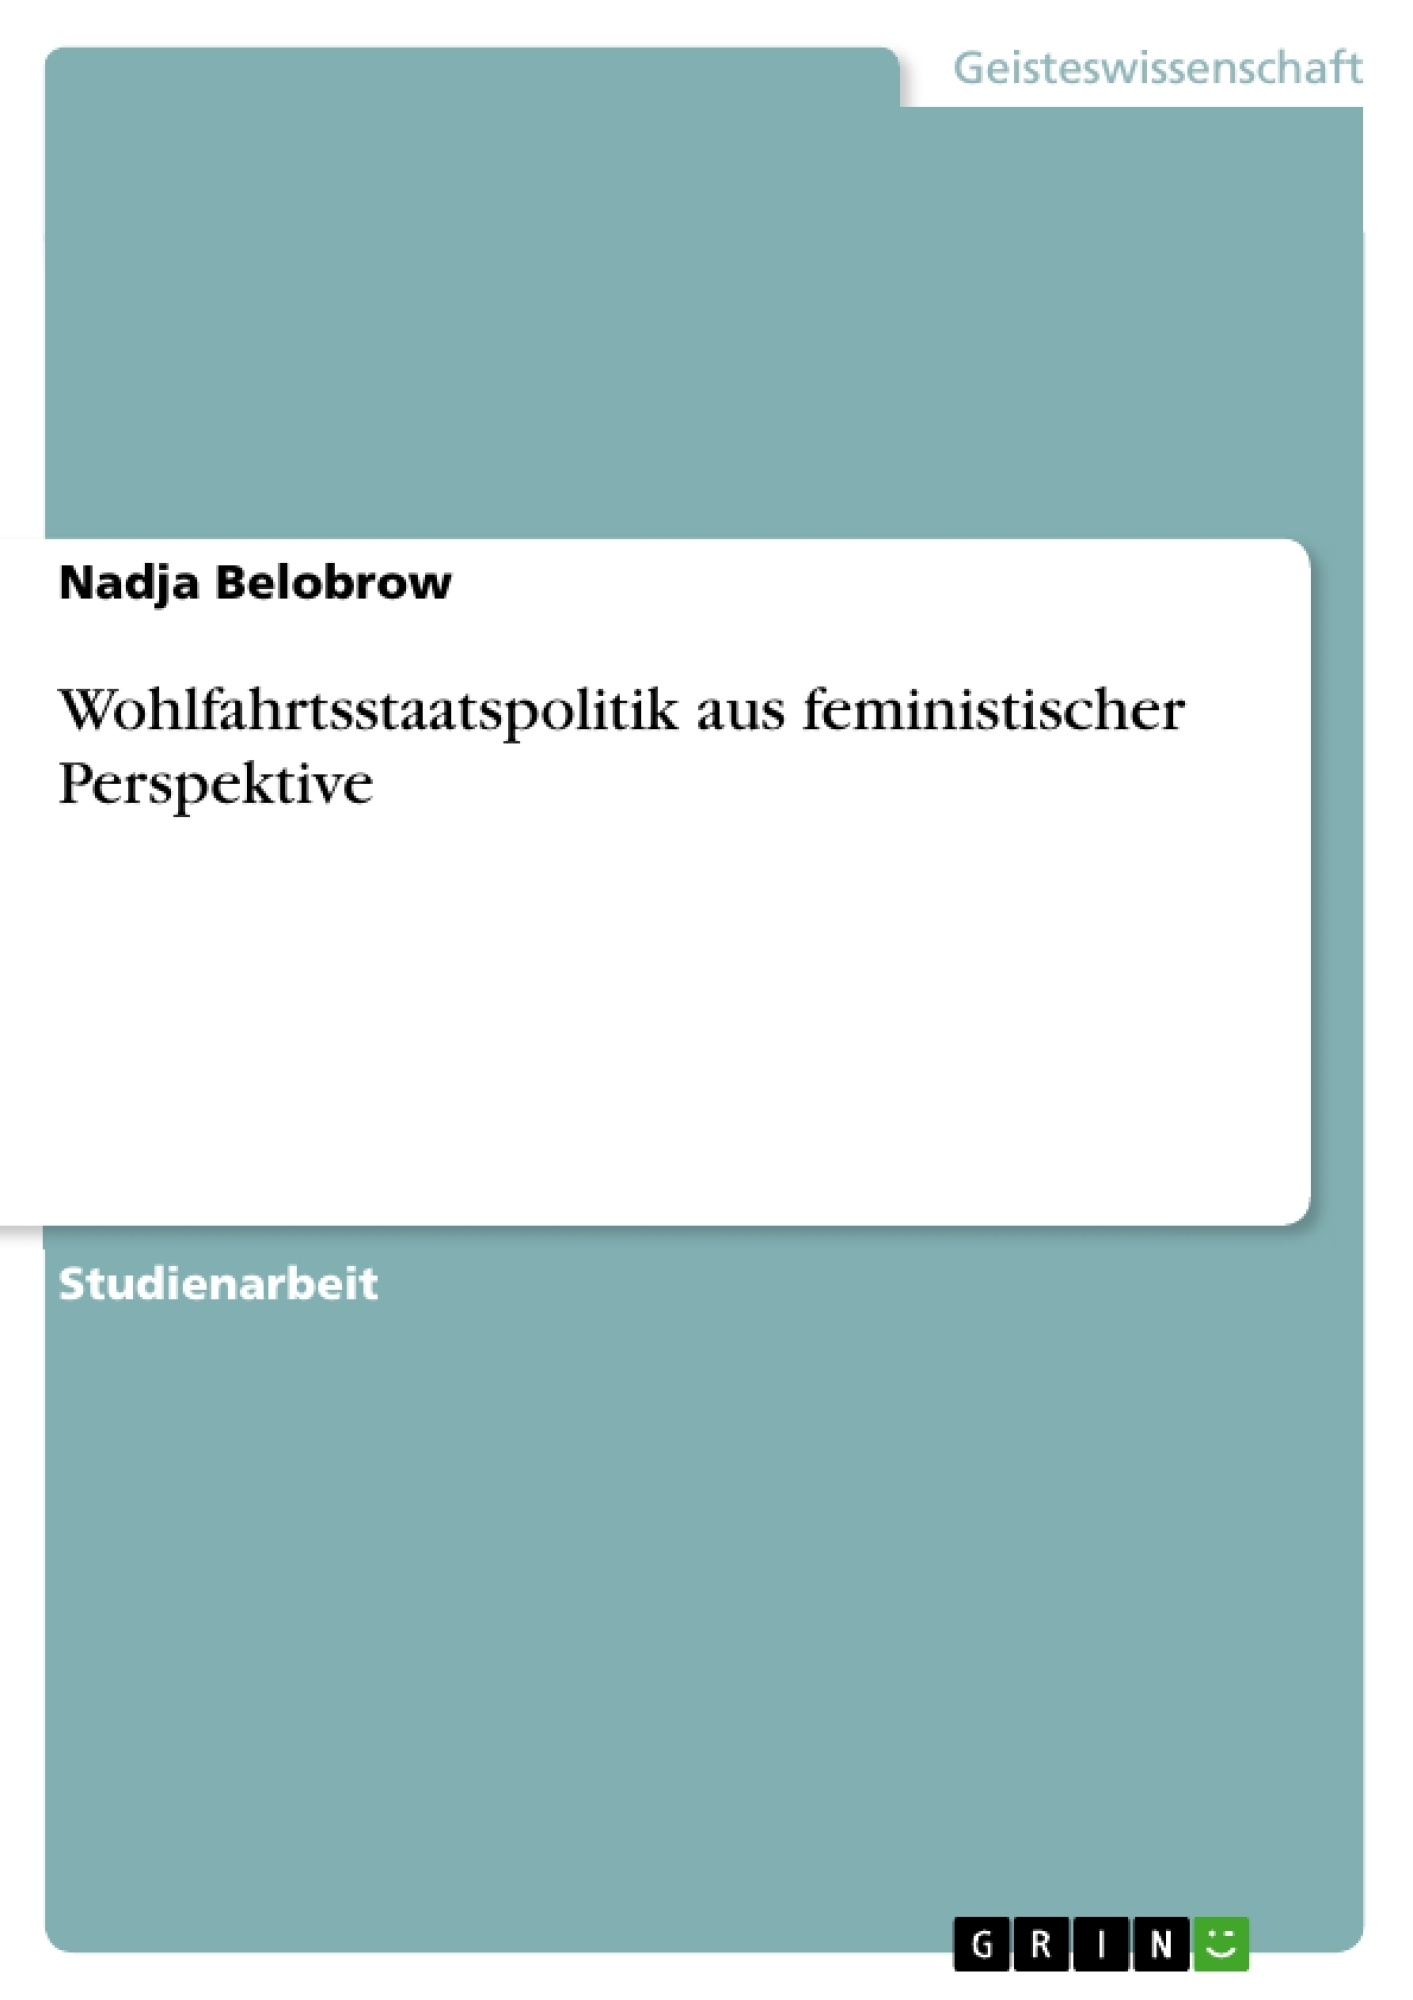 Titel: Wohlfahrtsstaatspolitik aus feministischer Perspektive